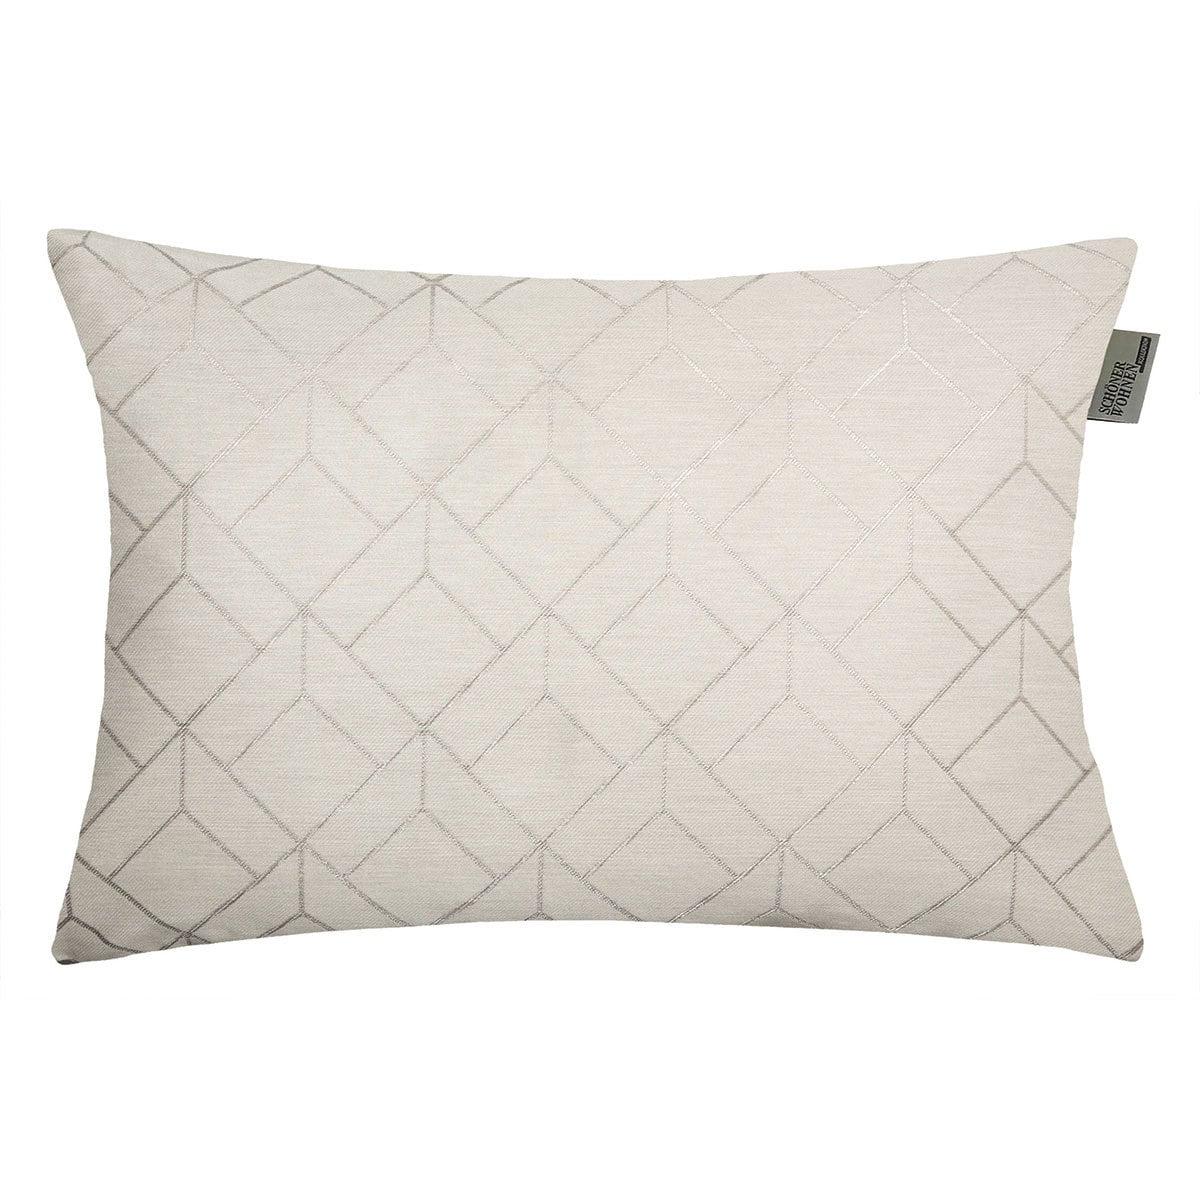 sch ner wohnen kissenh lle craft g nstig online kaufen bei bettwaren shop. Black Bedroom Furniture Sets. Home Design Ideas